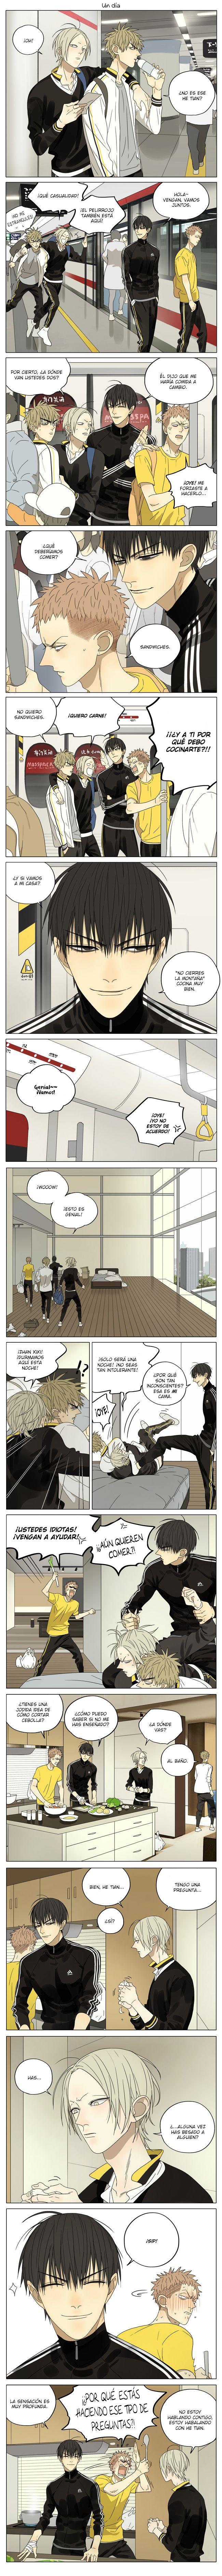 http://c5.ninemanga.com/es_manga/pic2/7/15943/525396/ec43071dd9a8238b15363f64c3cb5004.jpg Page 1